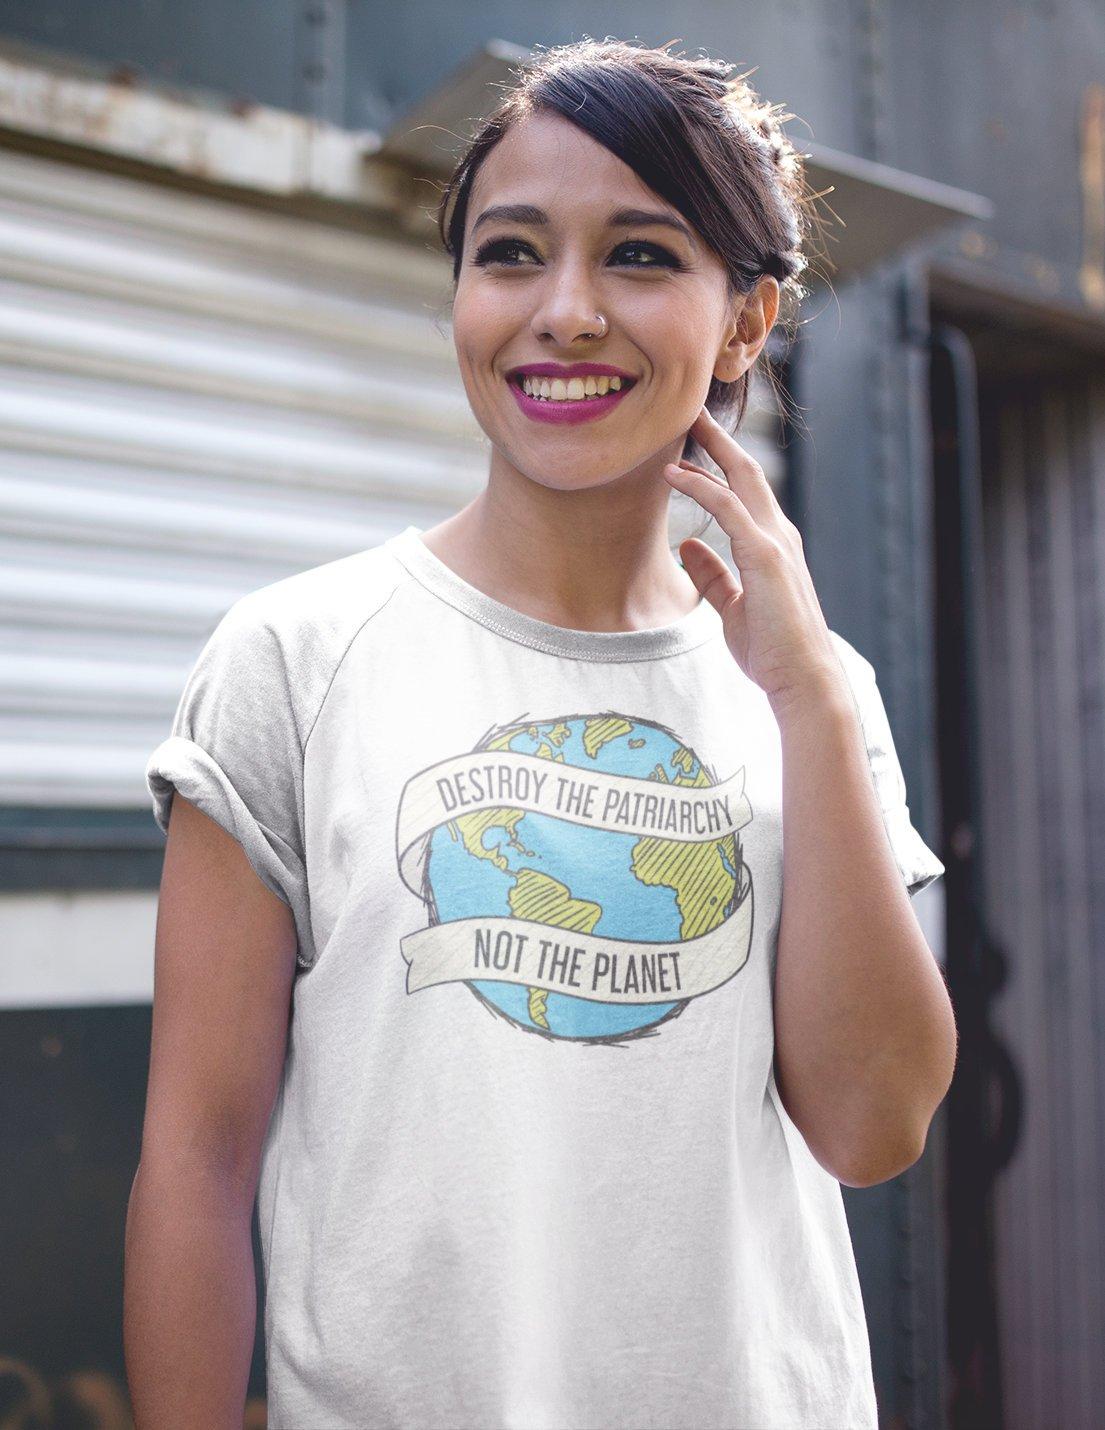 Destruir o Patriarcado Não É o Planeta das Mulheres T-Shirt Retro Harajuku Camisa Feminista Resistir Hipster Oversize T Das Senhoras Do Vintage